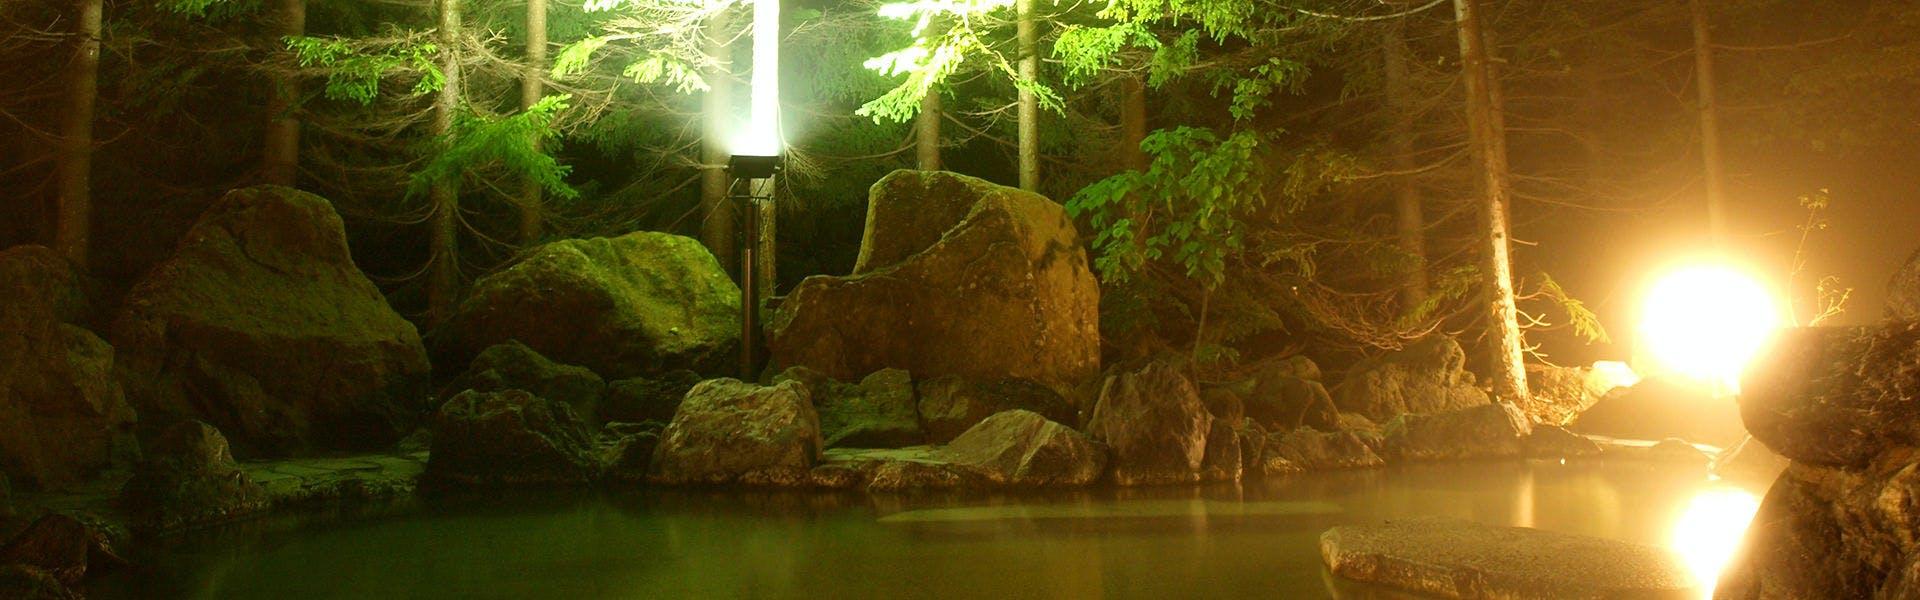 記念日におすすめのホテル・【ニセコ温泉郷 いこいの湯宿 いろは】の写真3